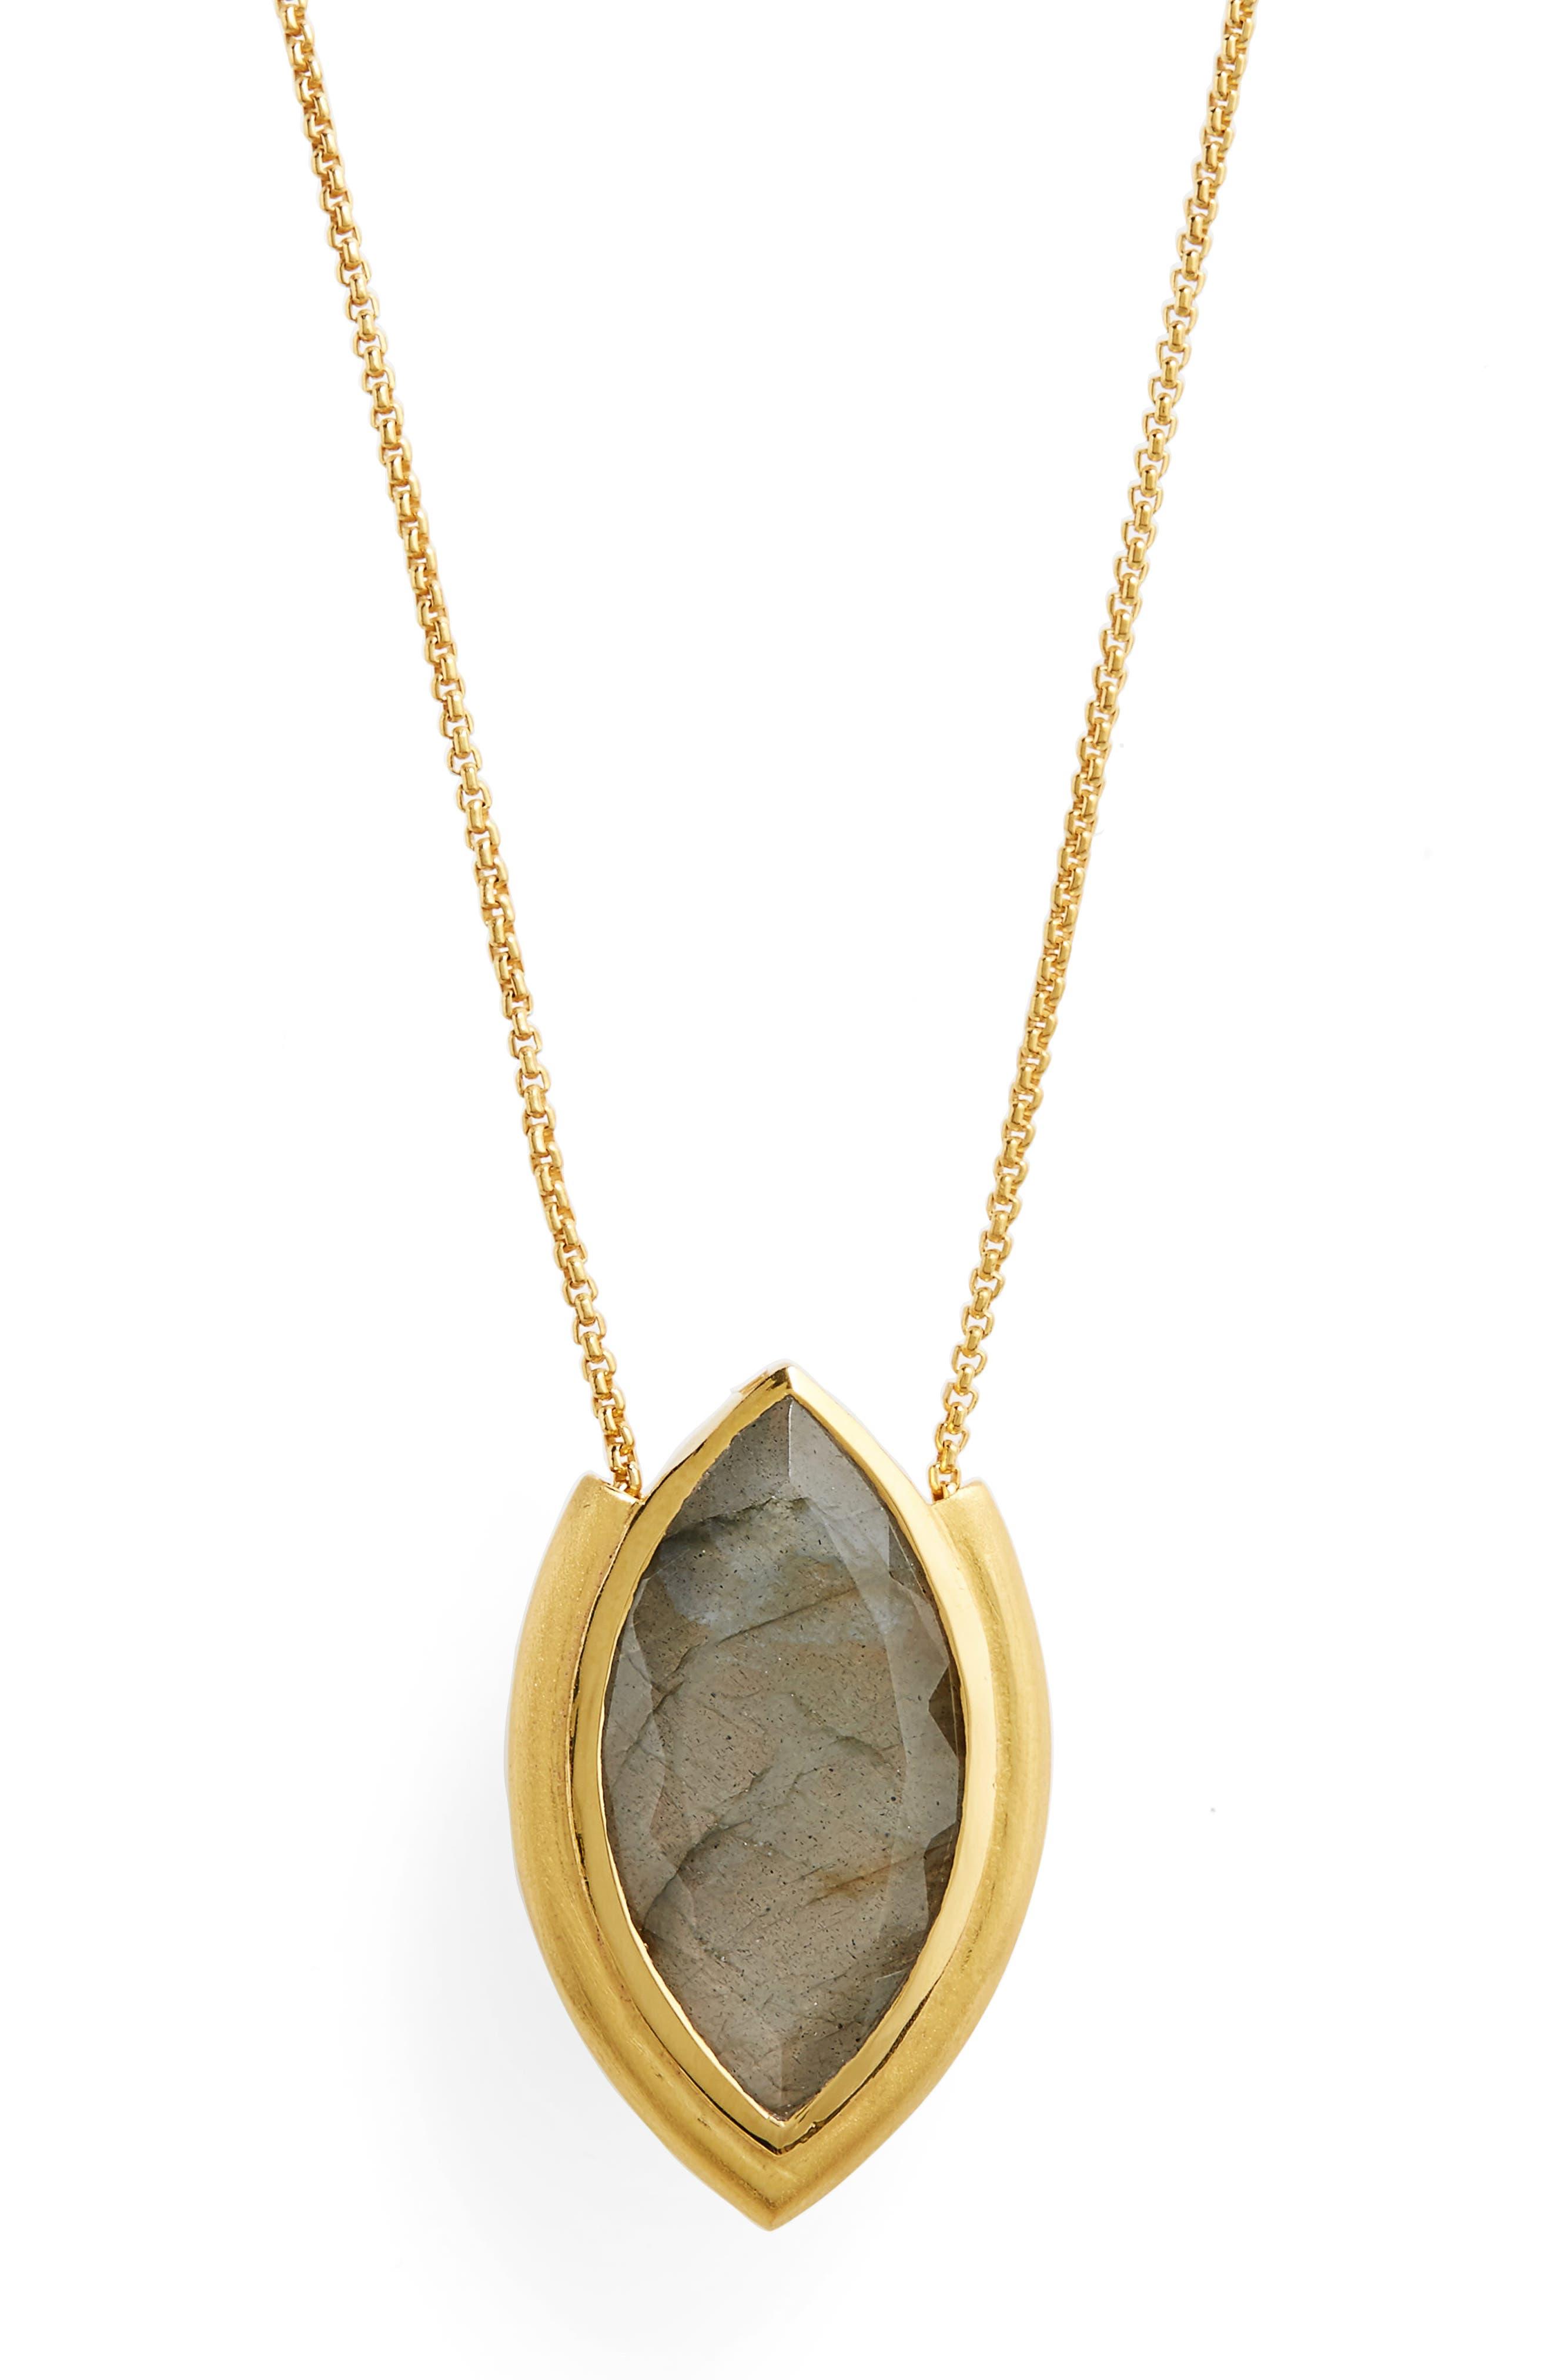 Lotus Pendant Necklace,                             Alternate thumbnail 3, color,